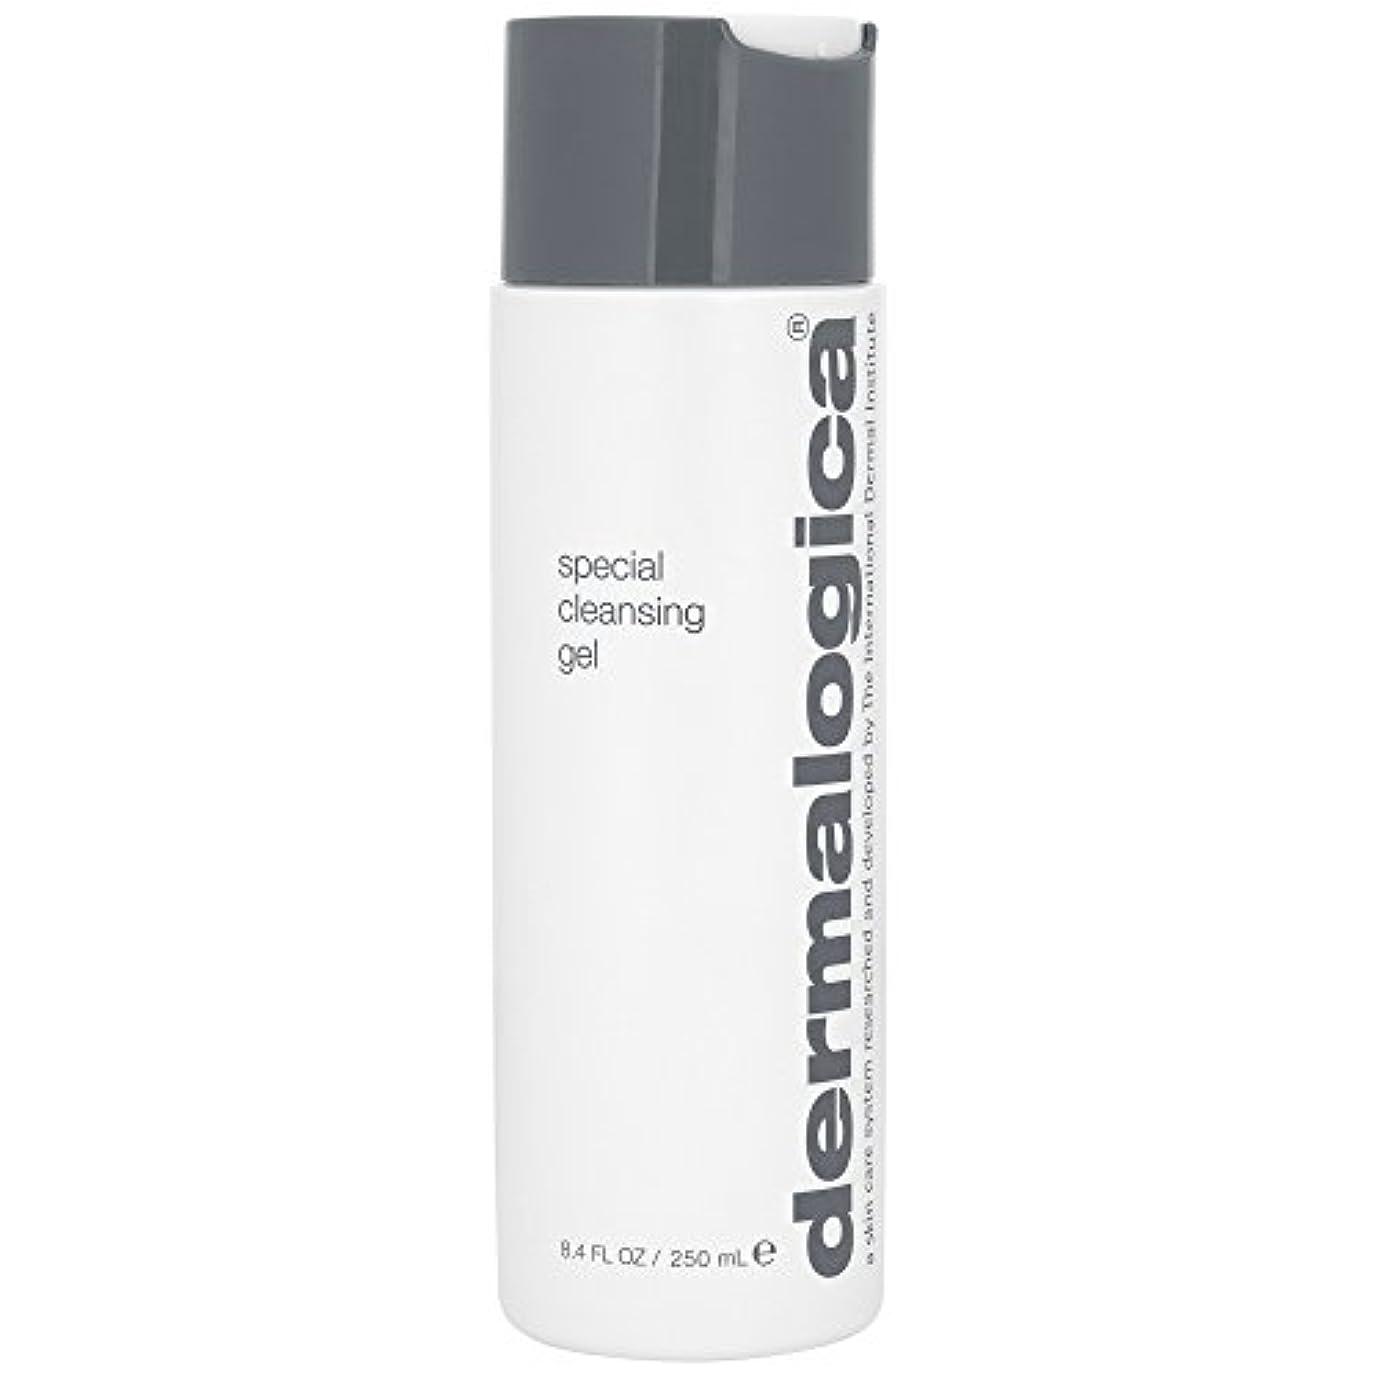 魔法バレーボールコンクリートダーマロジカ特別なクレンジングゲル250ミリリットル (Dermalogica) (x6) - Dermalogica Special Cleansing Gel 250ml (Pack of 6) [並行輸入品]